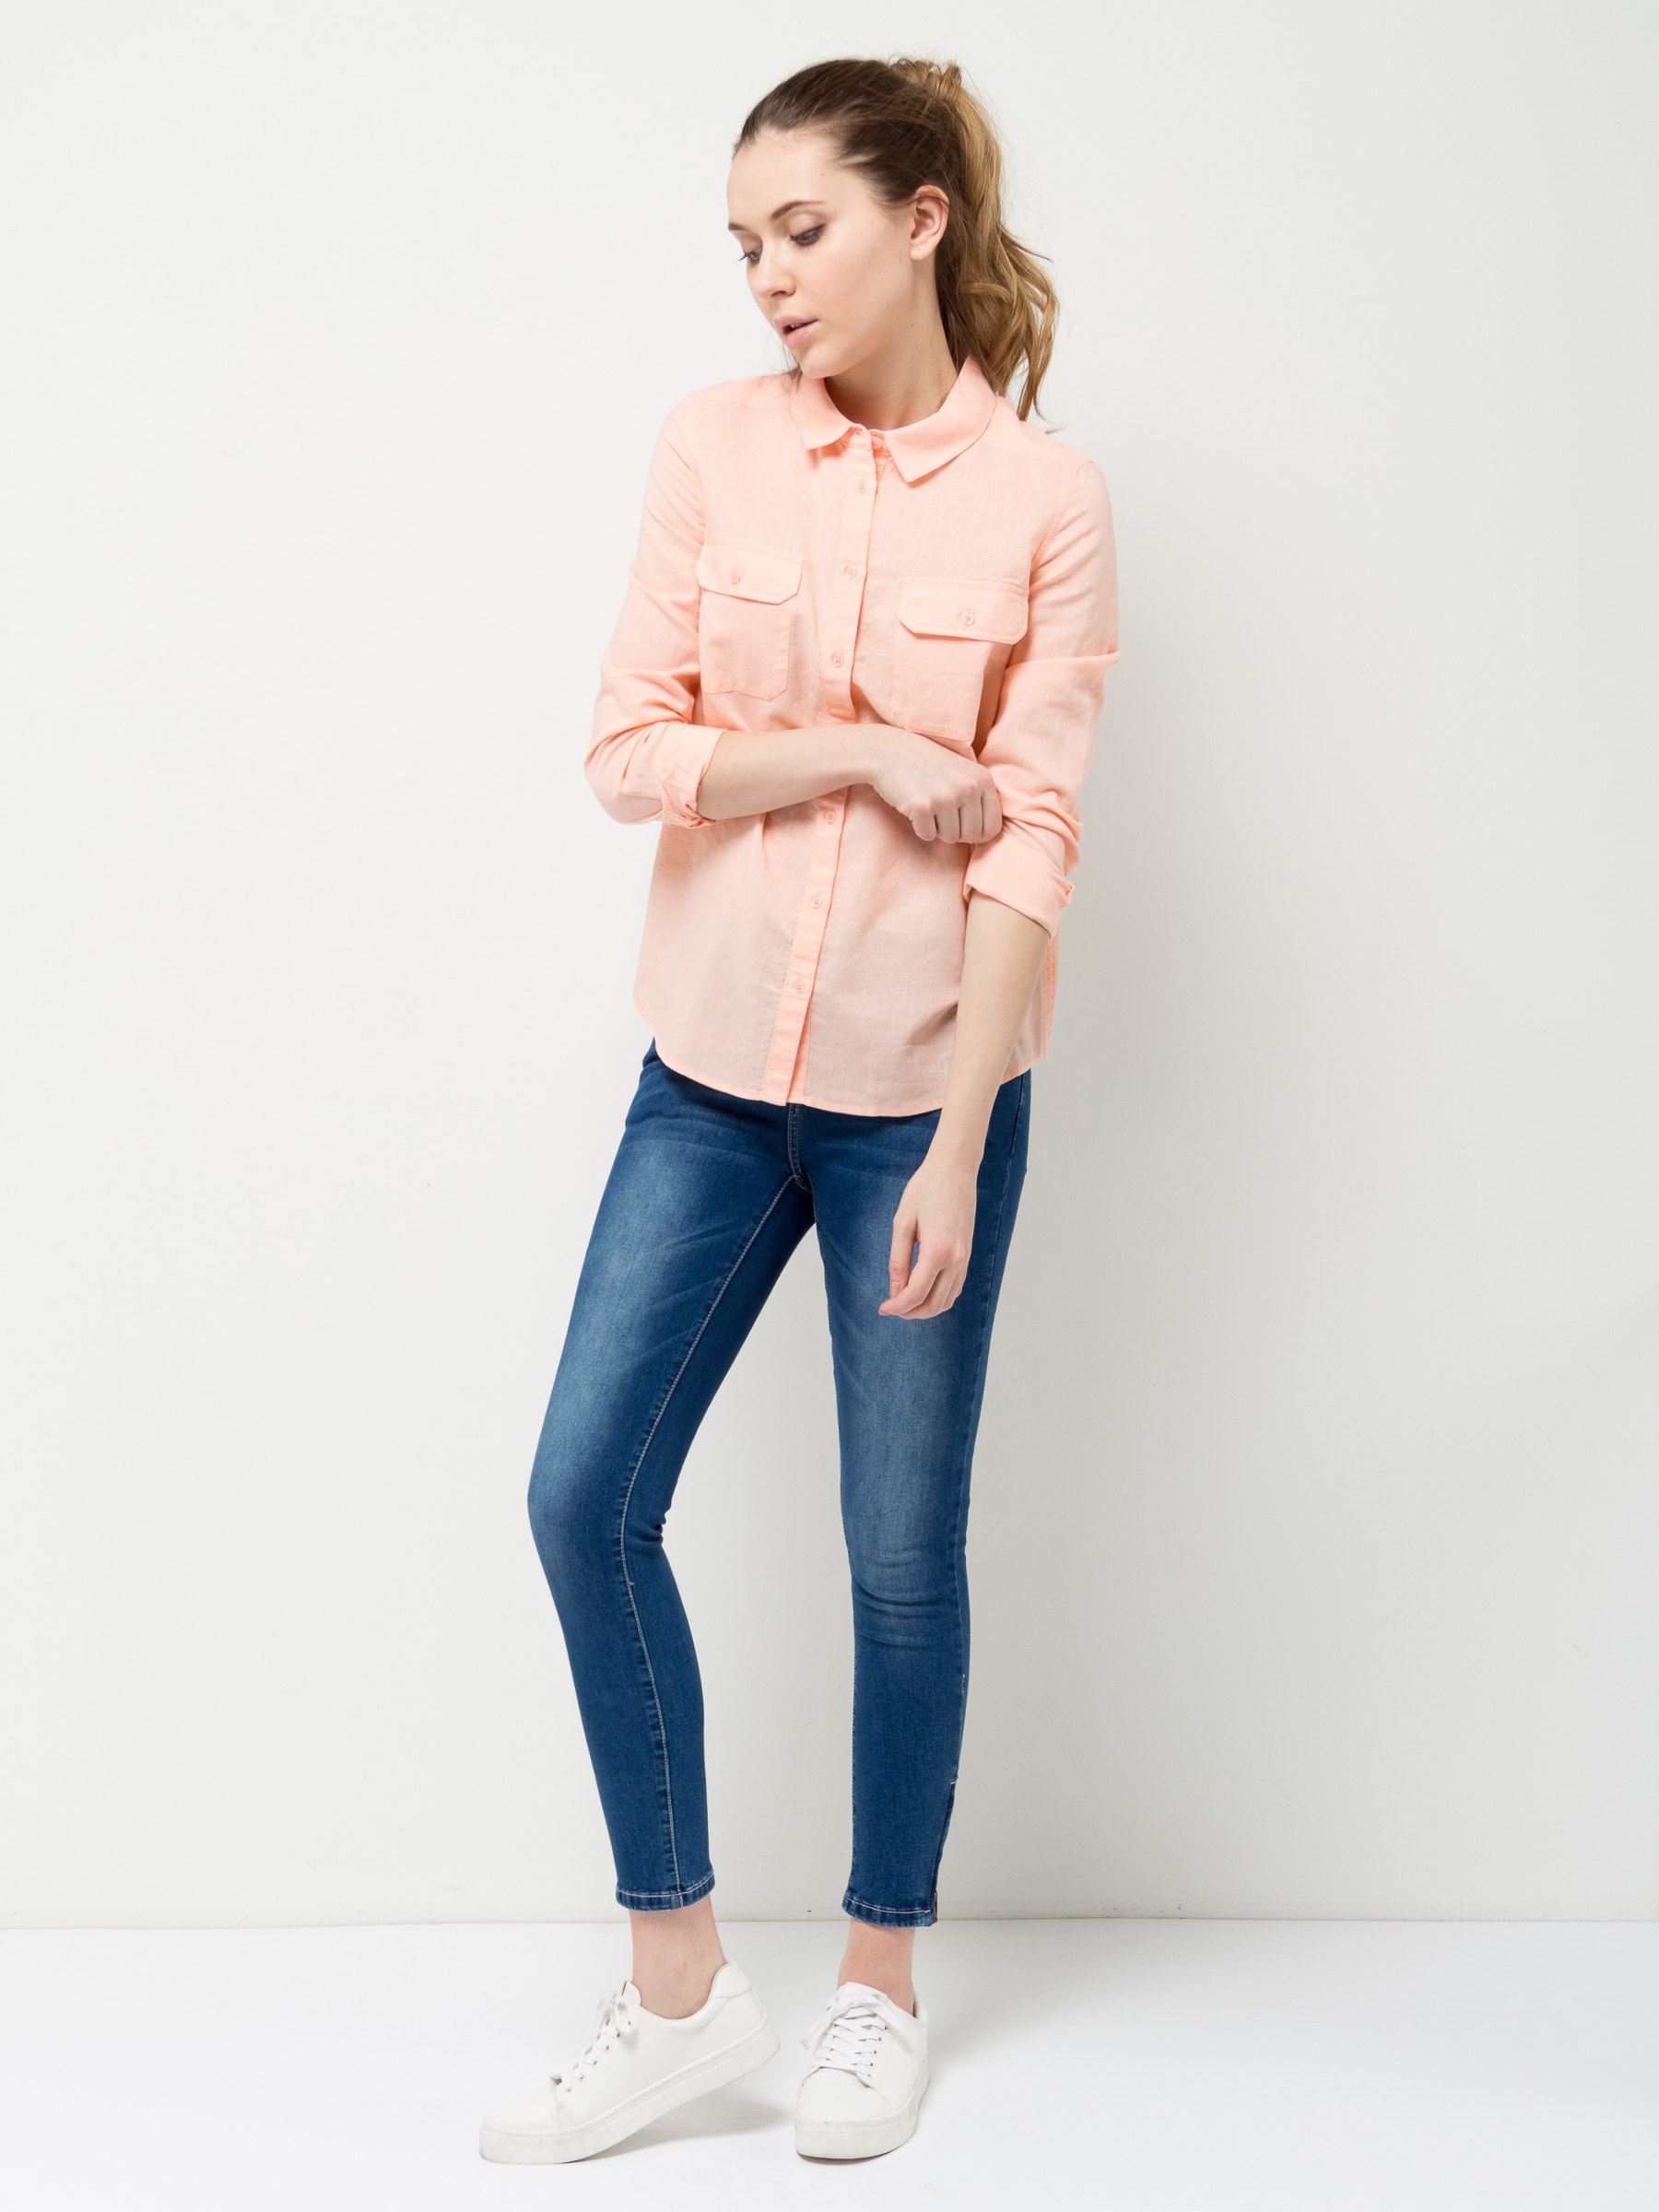 Рубашка женская Sela, цвет: светло-персиковый. B-112/1189-7162. Размер 50B-112/1189-7162Классическая женская рубашка Sela выполнена изо льна с добавлением хлопка. Модель прямого кроя с отложным воротничком застегивается на пуговицы и дополнена двумя накладными карманами с клапанами. Манжеты длинных рукавов с опцией подгибки также дополнены пуговицами. Рубашка подойдет для офиса, прогулок и дружеских встреч и будет отлично сочетаться с джинсами и брюками, и гармонично смотреться с юбками. Мягкая ткань комфортна и приятна на ощупь.